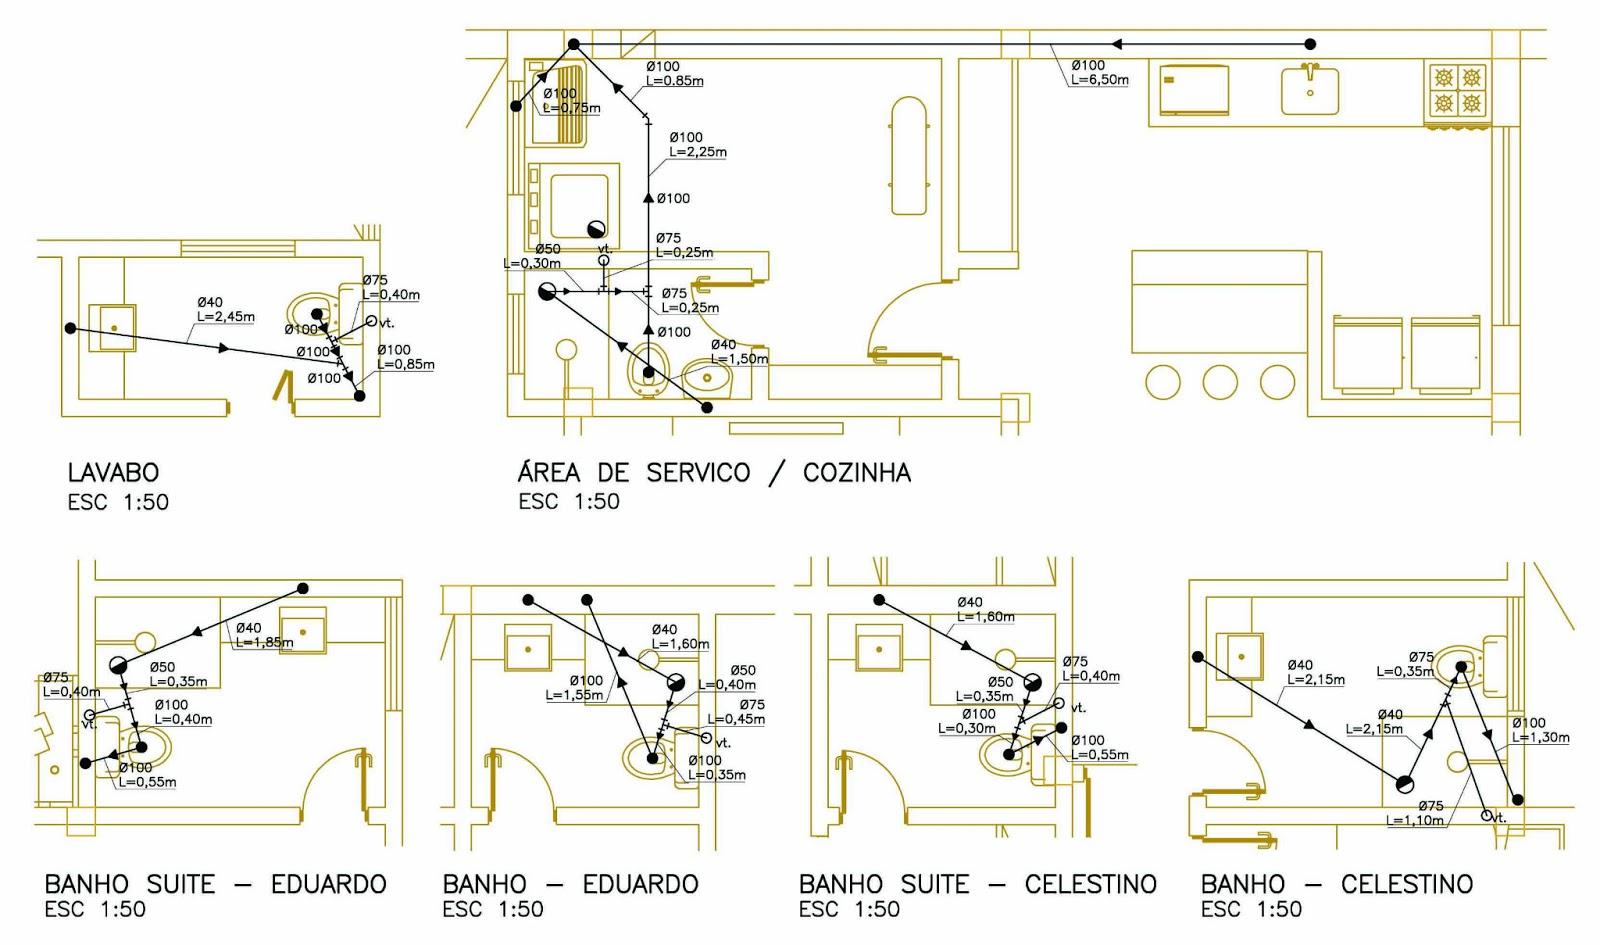 dimensão e equipamentos de instalação em banheiros e dimensões de  #978434 1600 945